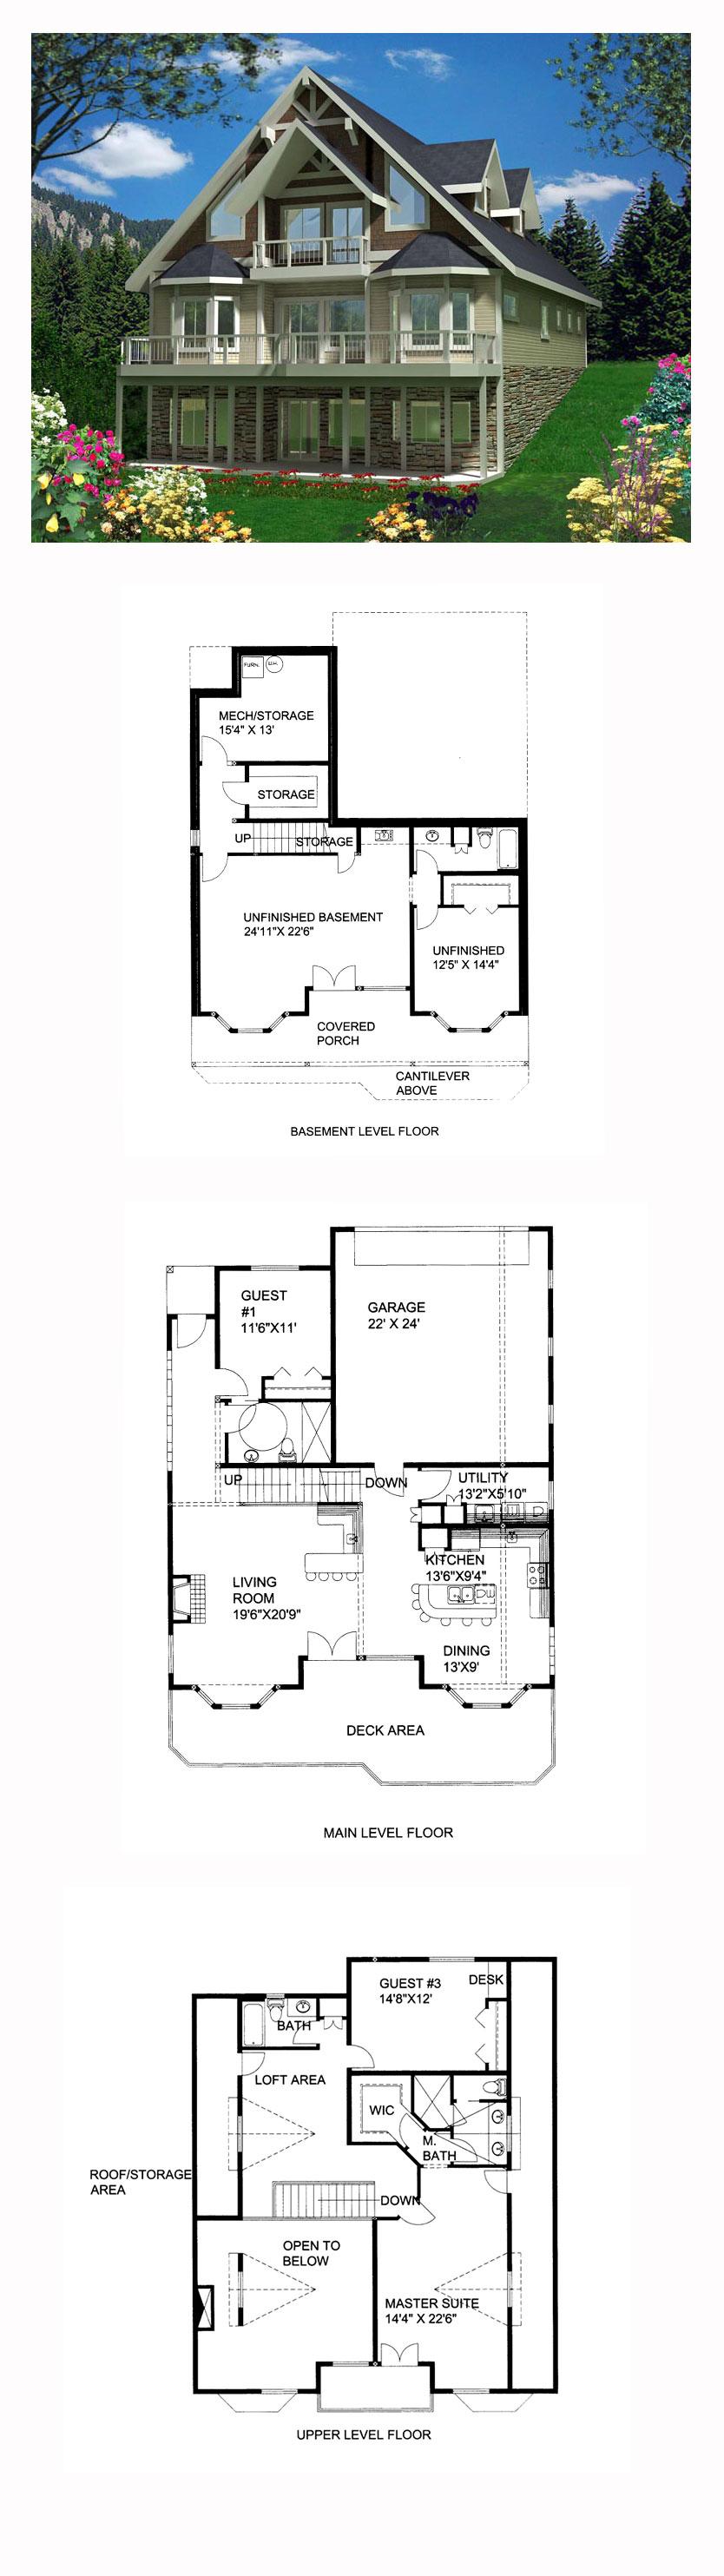 Hillside house plan 85365 total living area 2354 sq ft for Hillside lake house plans